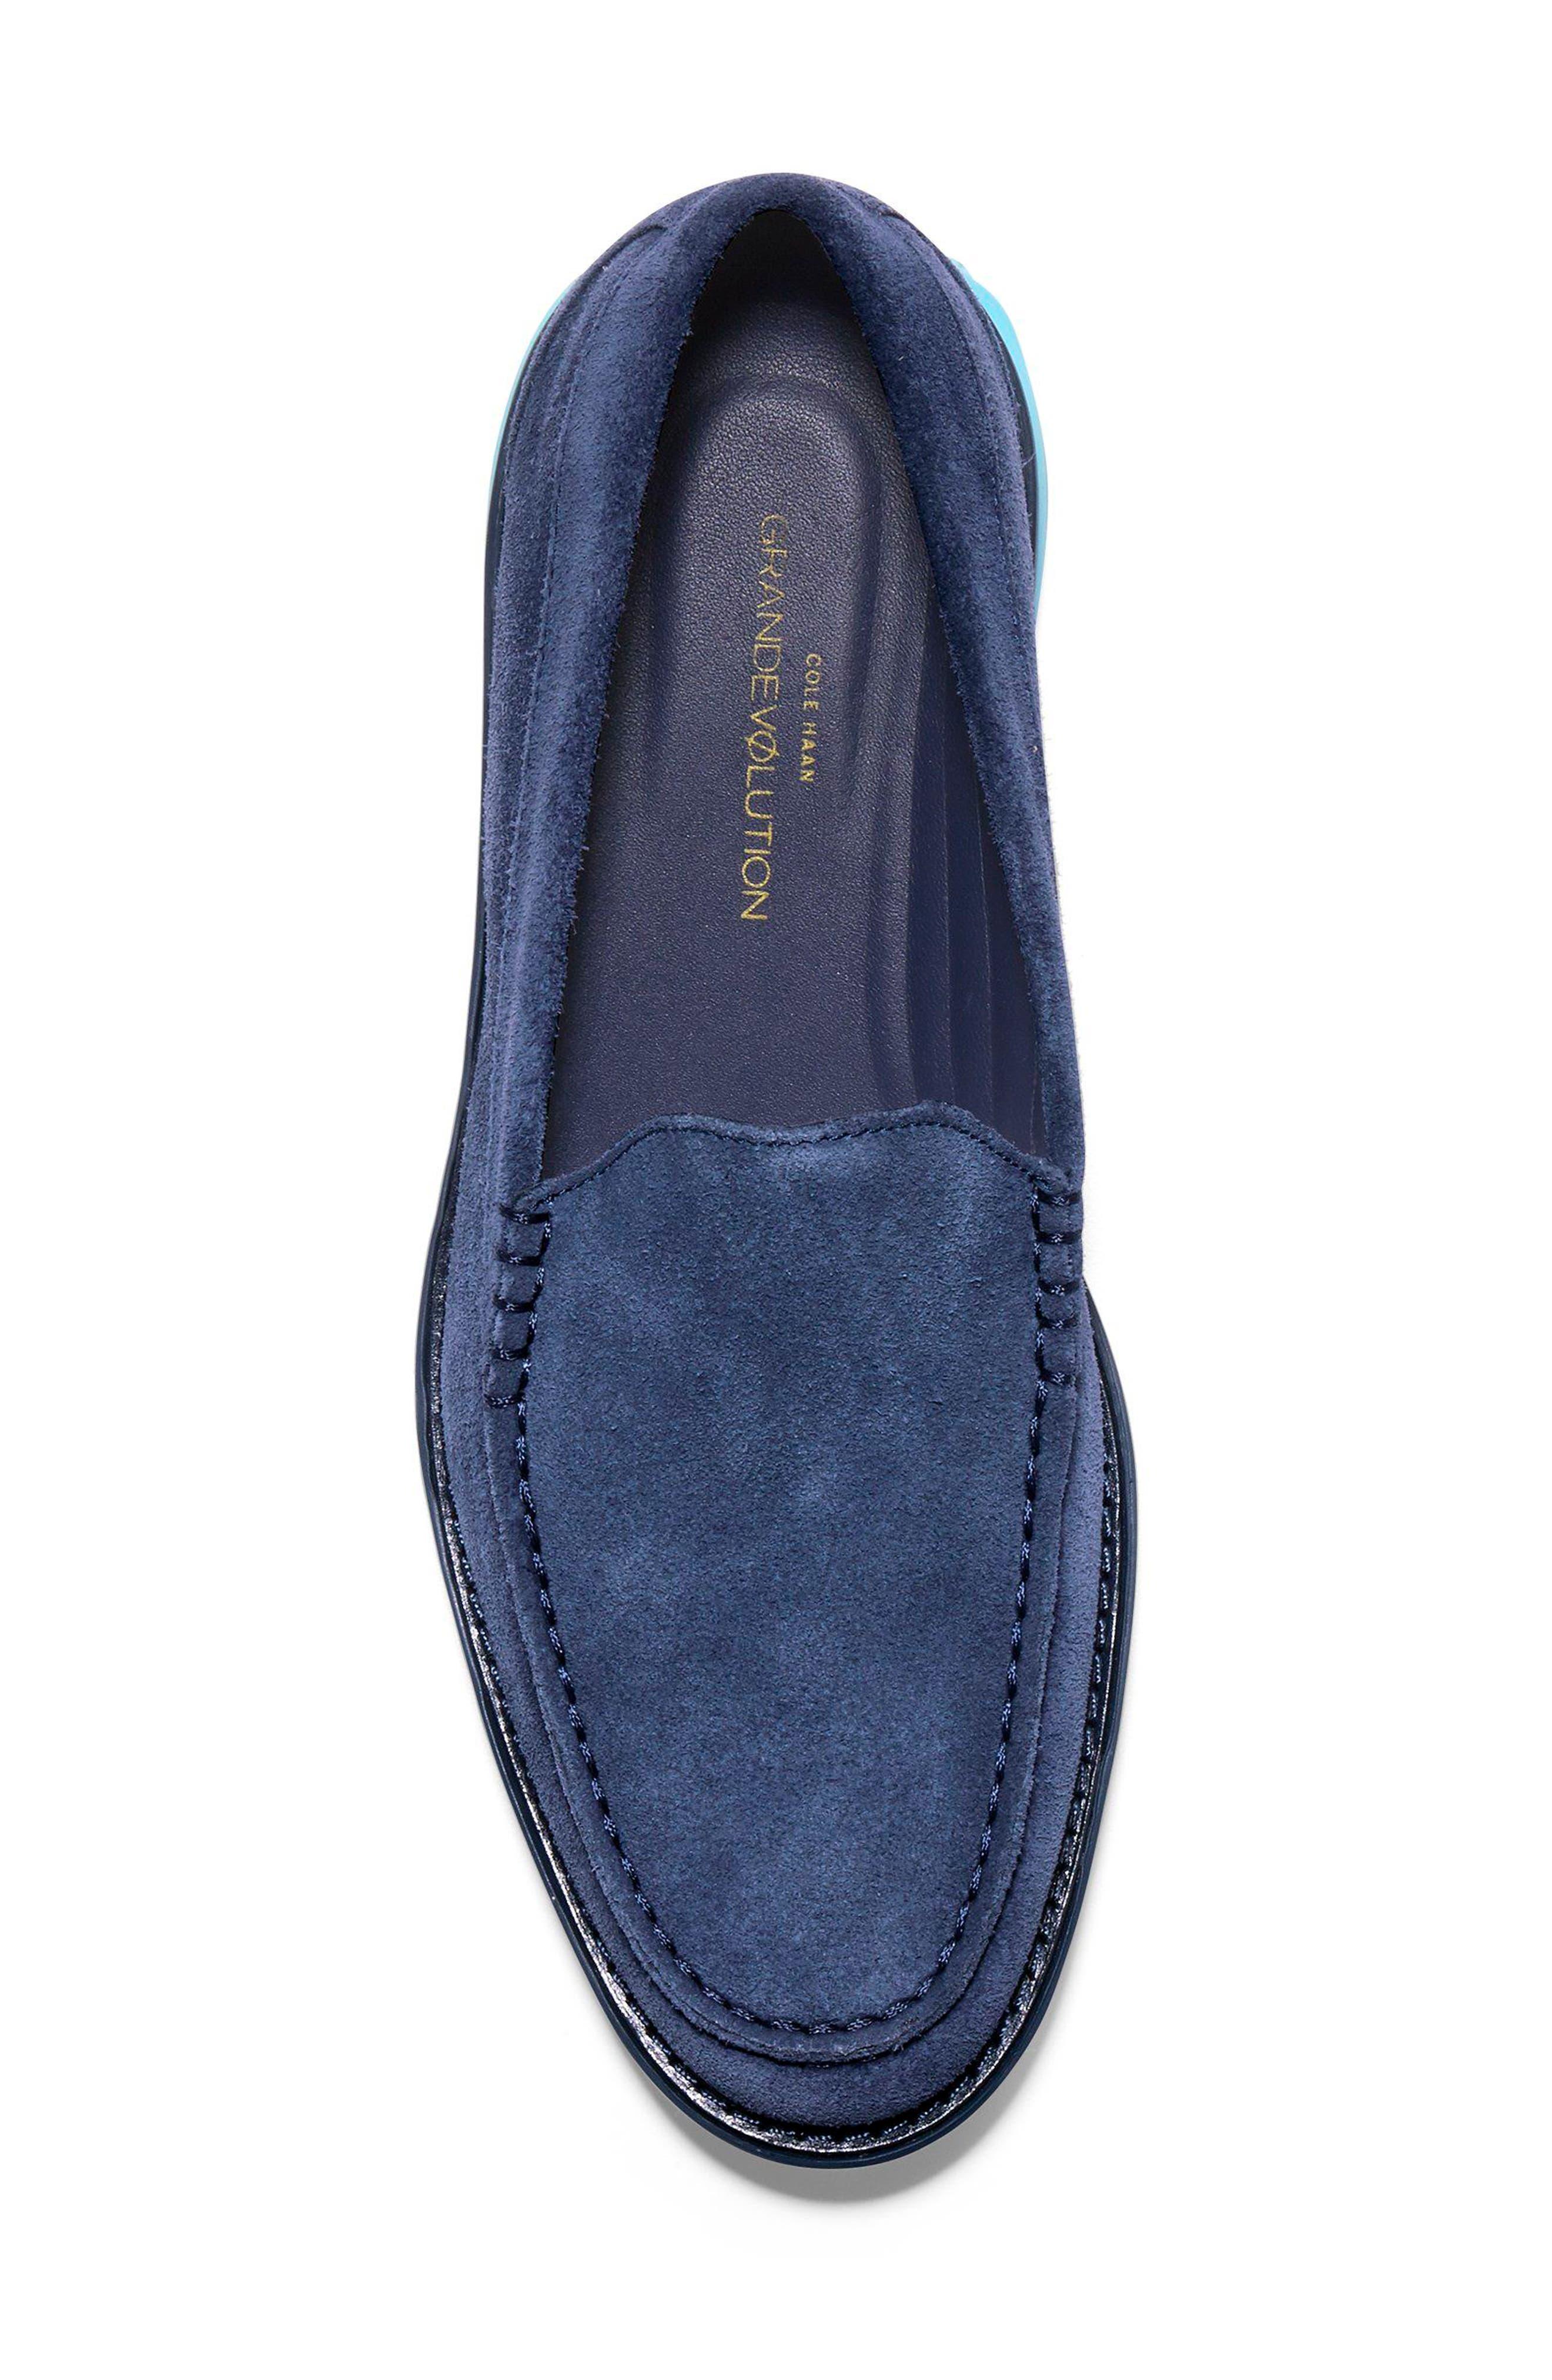 GrandEvølution Venetian Loafer,                             Alternate thumbnail 25, color,